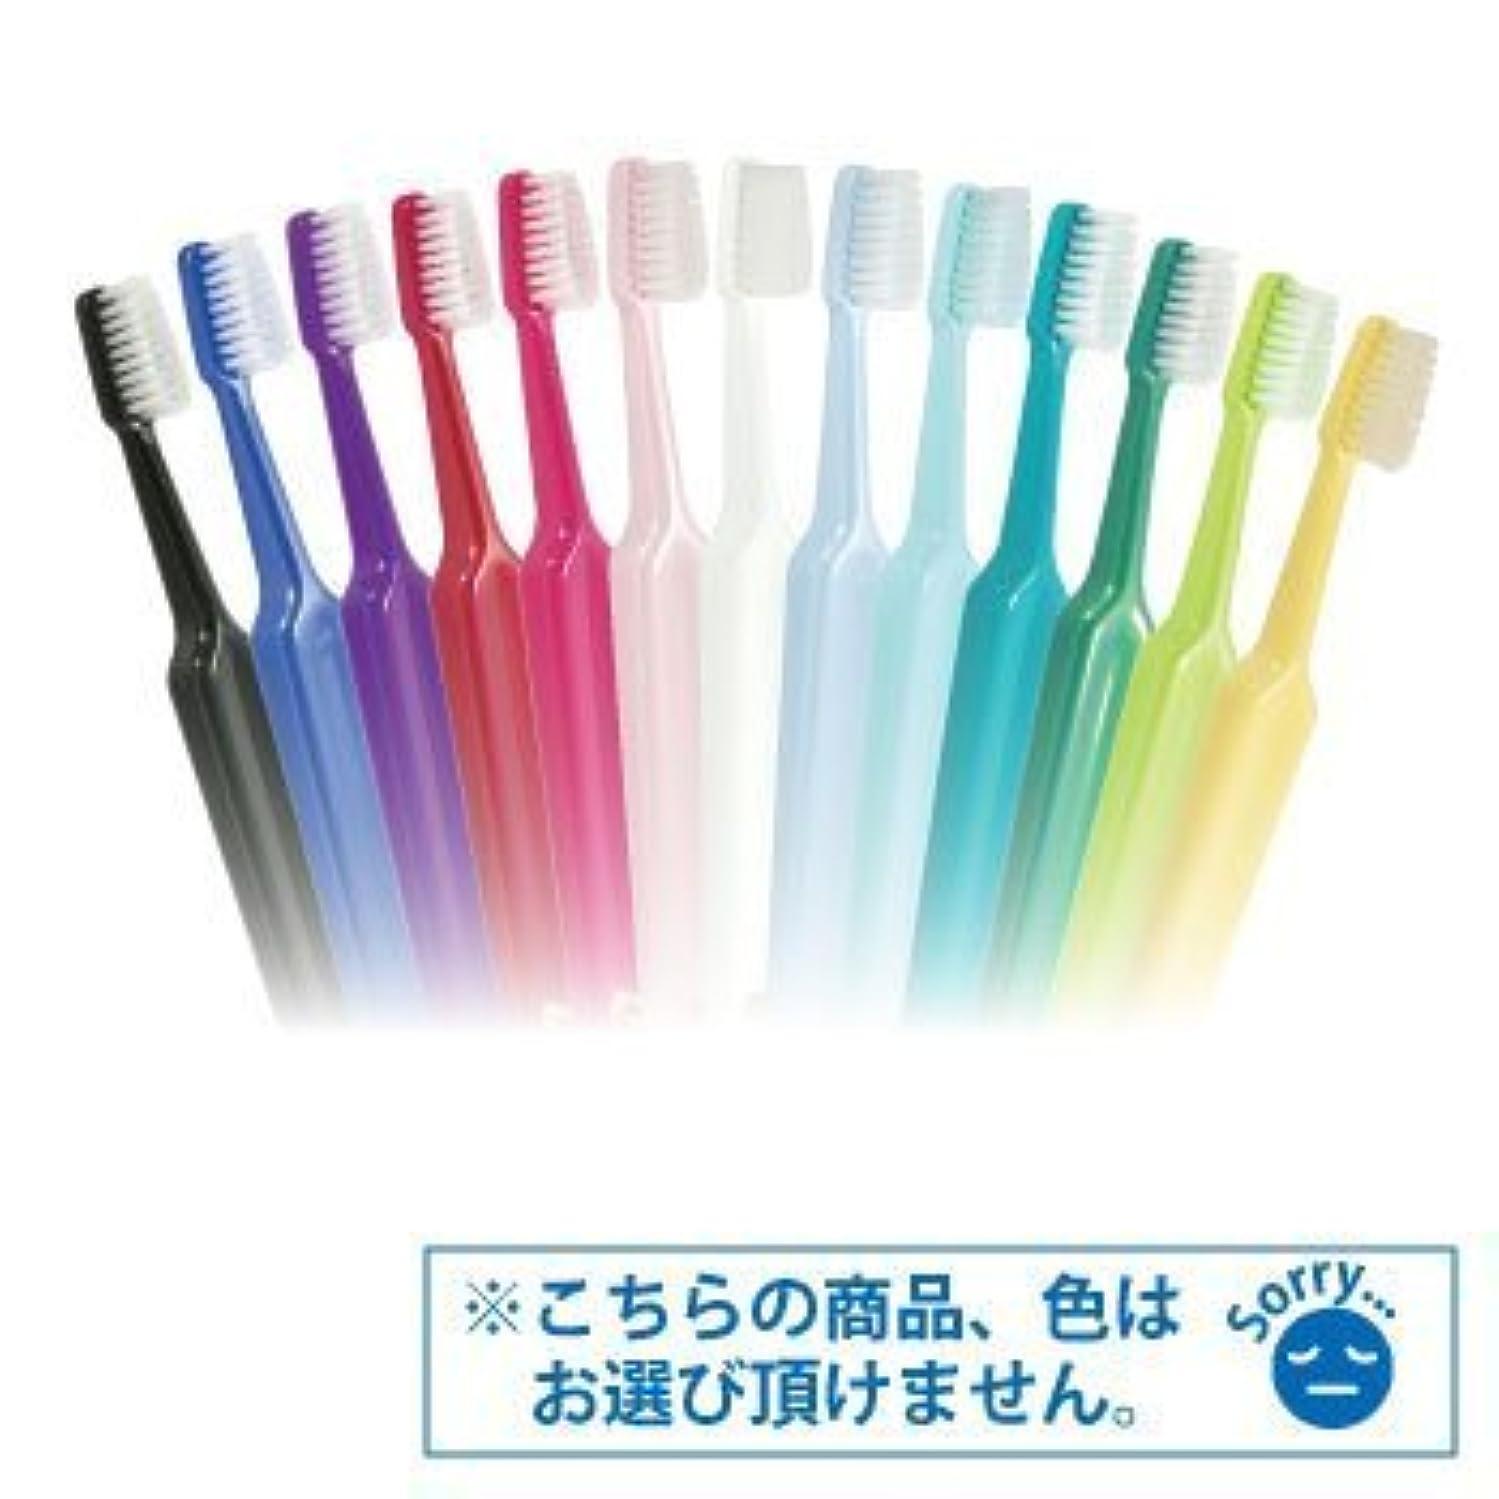 分類一致ファウルTepe歯ブラシ セレクトコンパクト /ソフト 20本入り